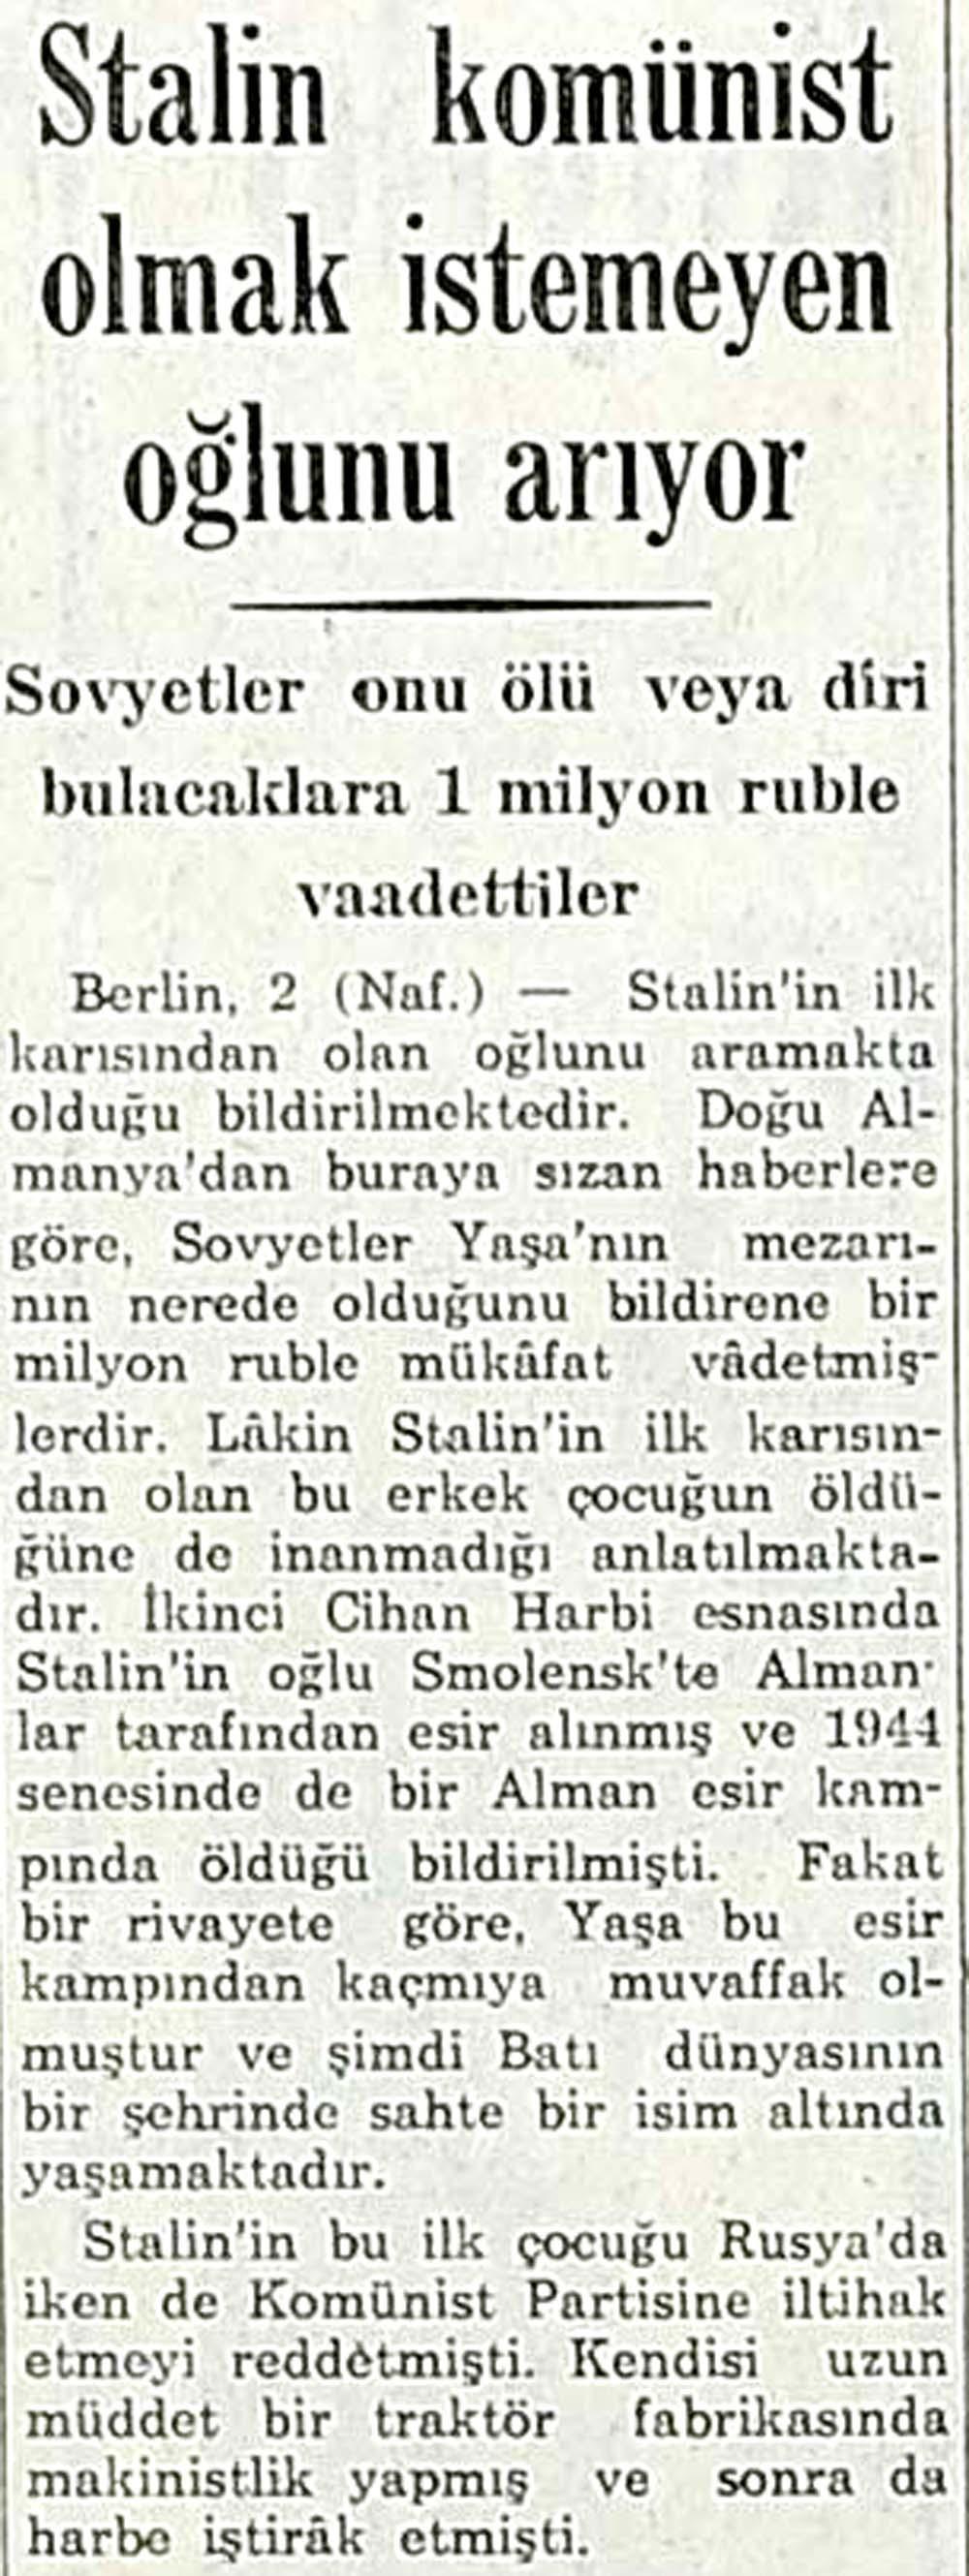 Stalin komünist olmak istemeyen oğlunu arıyor